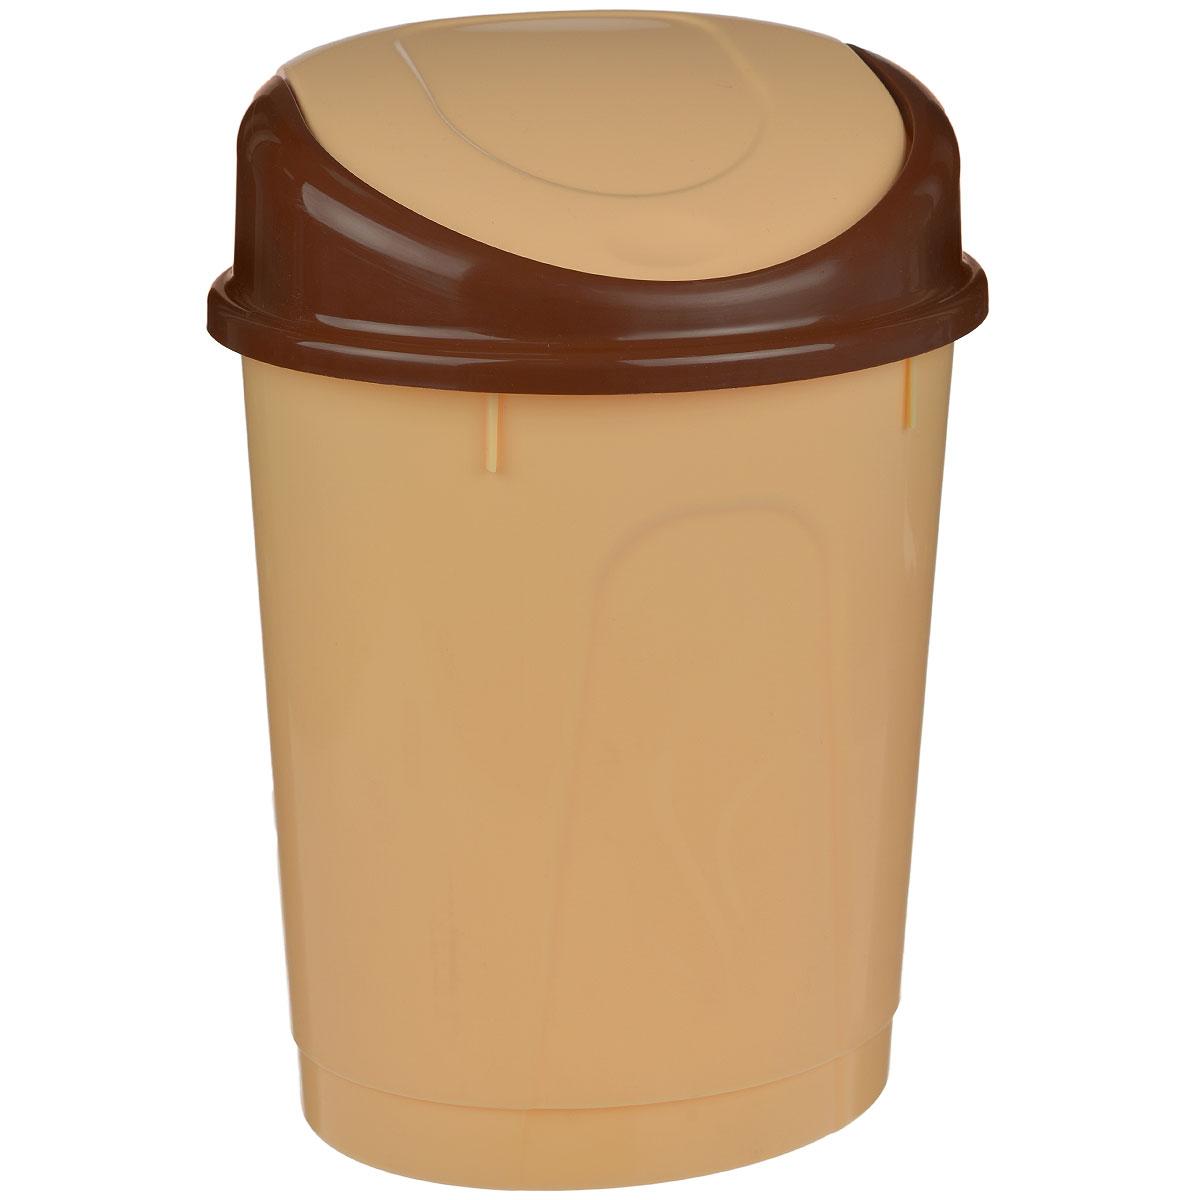 Контейнер для мусора Альтернатива, овальный, цвет: бежевый, 8 л, 24,5 х 21 х 35 смМ1550Контейнер для мусора Альтернатива изготовлен из пластика. Контейнер оснащен удобной крышкой, которая открывается одним движением руки и сама закрывается. Вместительный и компактный контейнер подойдет для дома, дачи, офиса. Размер контейнера: 24,5 см х 21 см х 35 см. Высота крышки: 7 см.